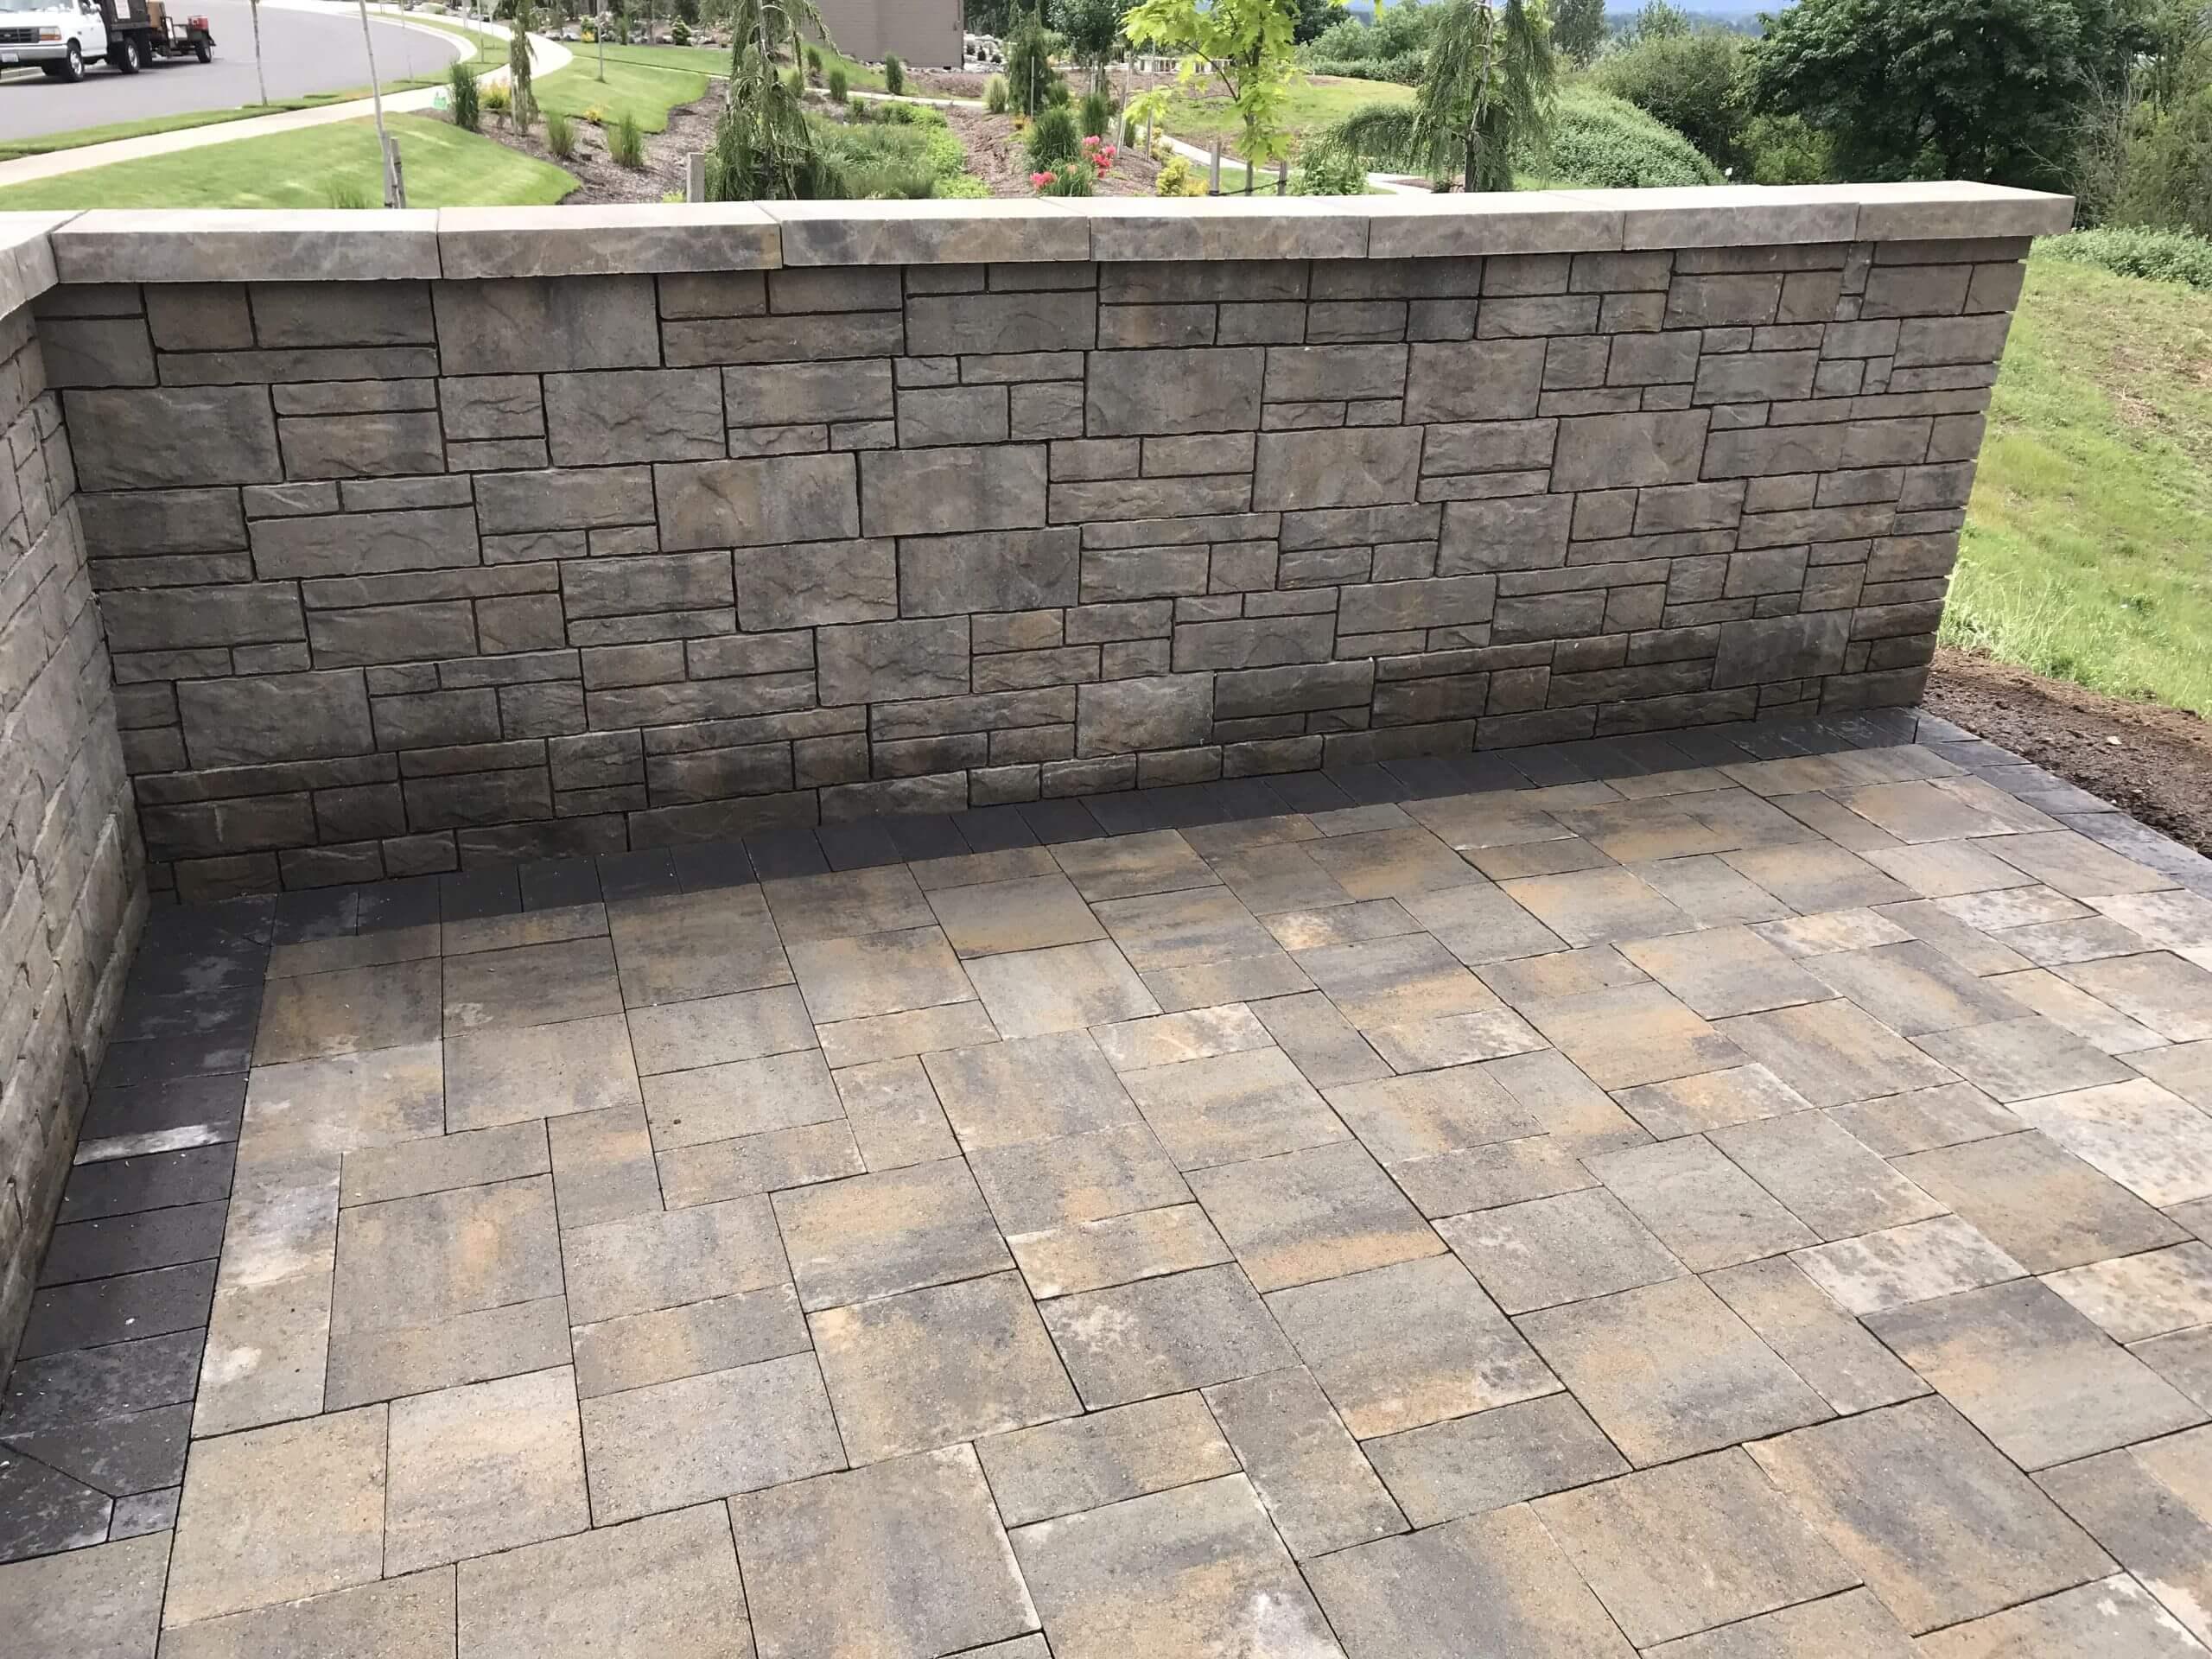 https://shovelandthumb.sfo3.digitaloceanspaces.com/garden walls/garden wall 6